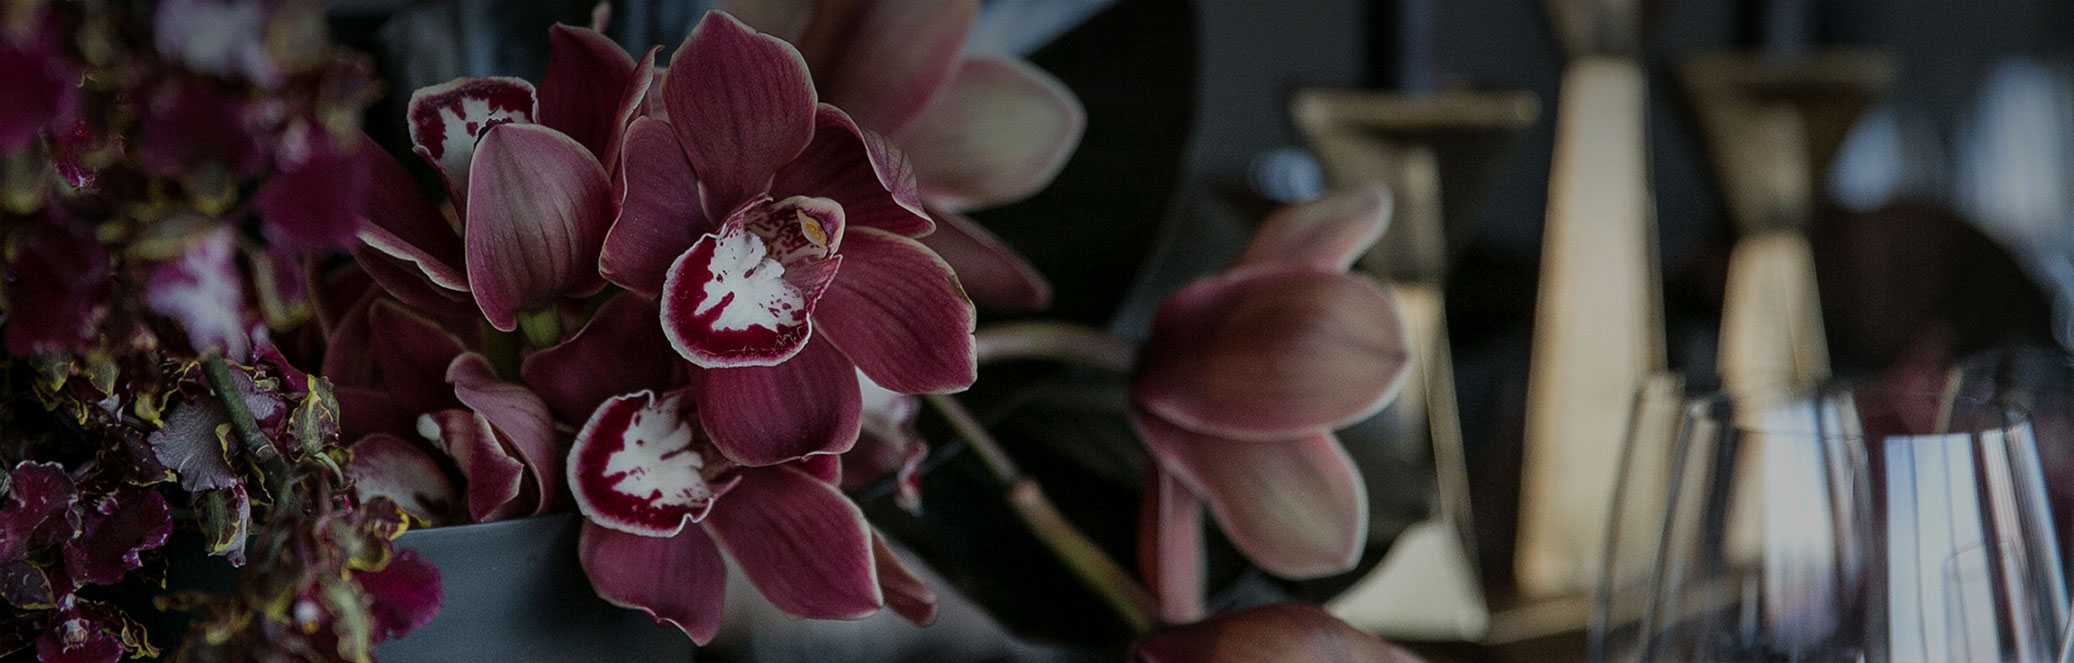 flower-NEW